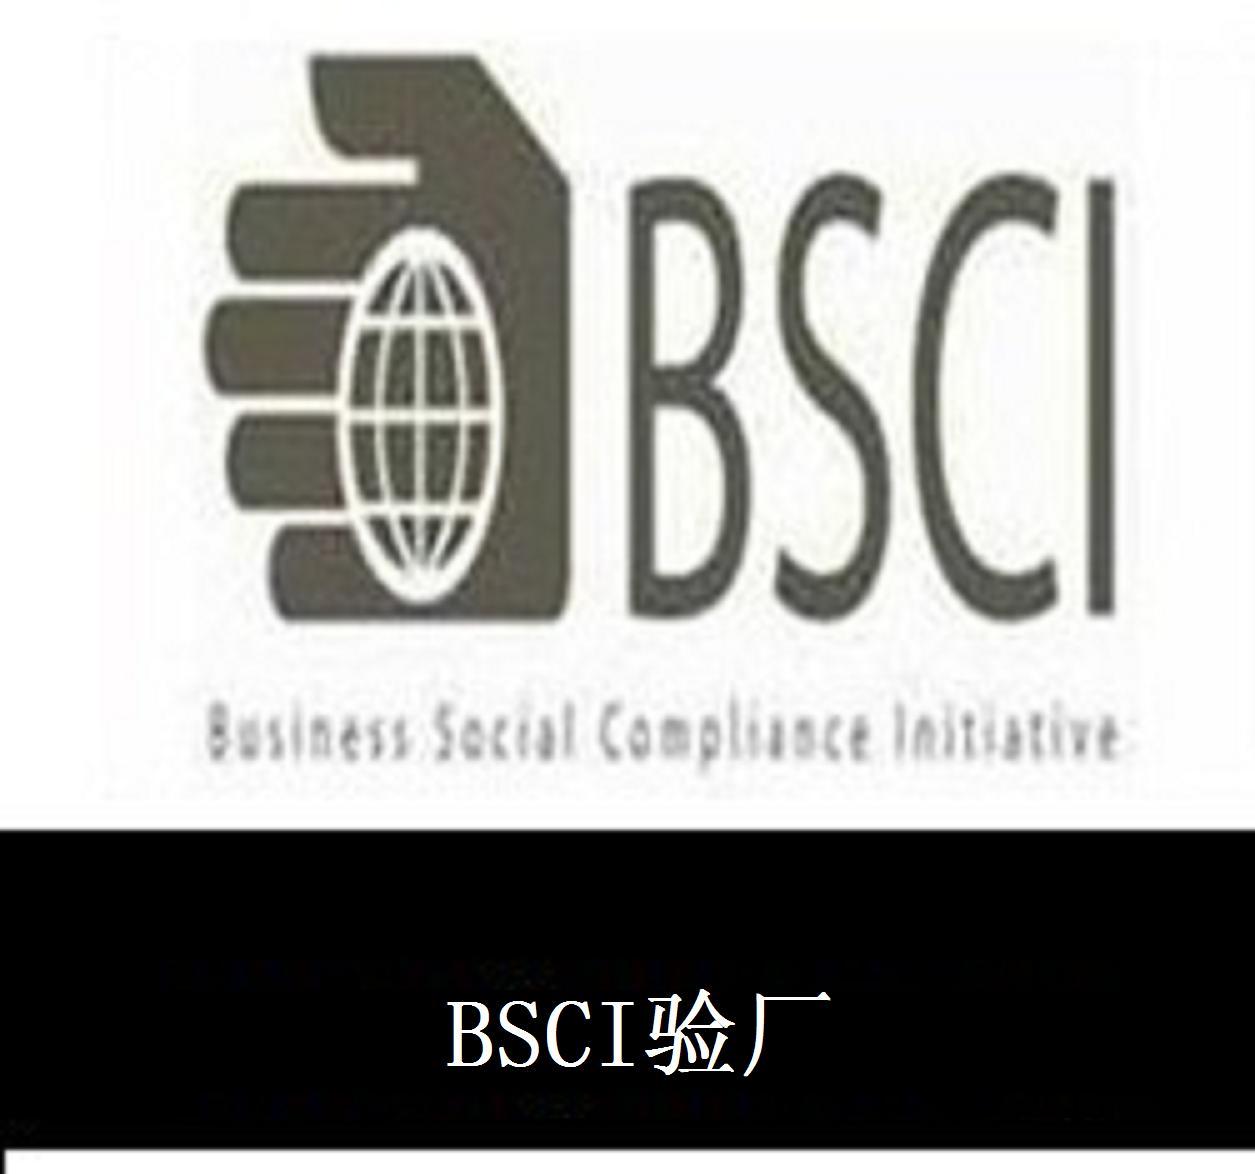 余姚BSCI辅导「宁波博凯企业认证服务供应」 - 黔东南信息港